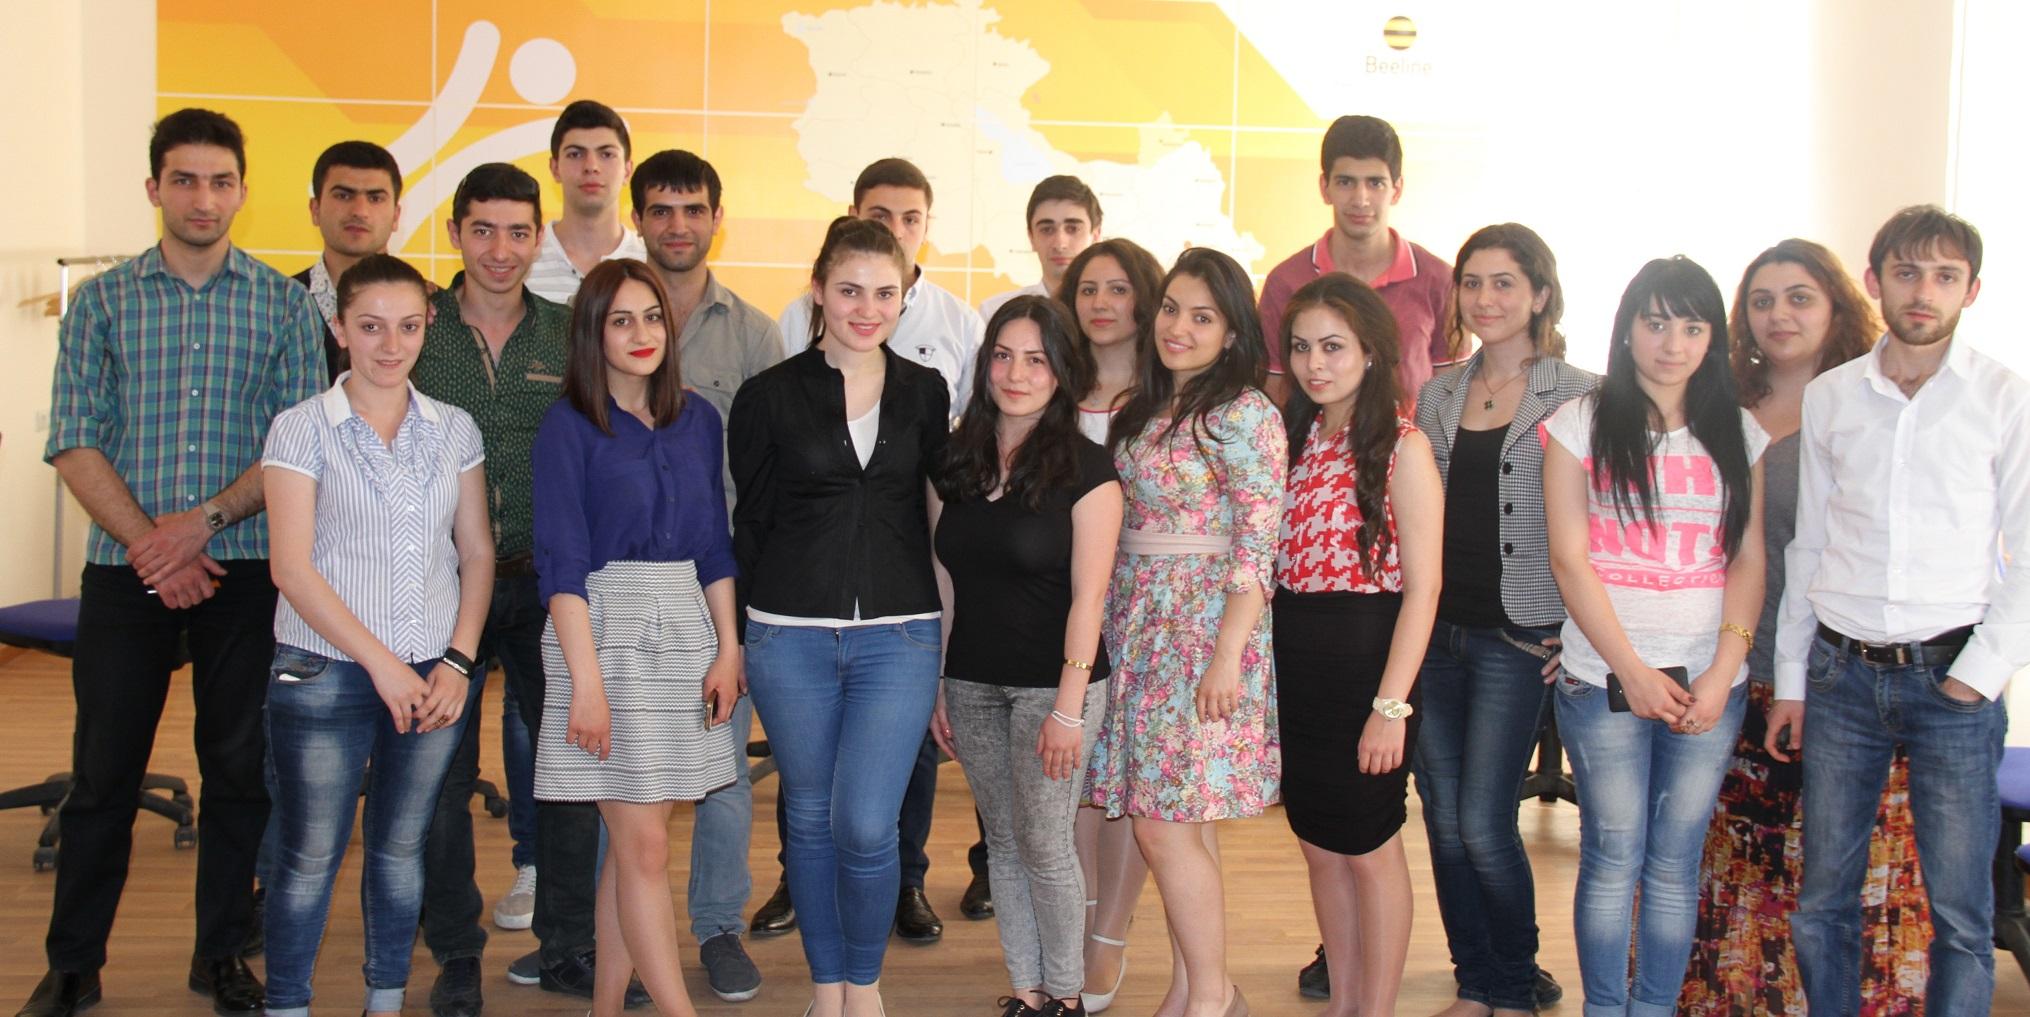 Տարածքային վաճառքների մենեջերներ. ուսանողների համար հարմար աշխատատեղեր Beeline-ում